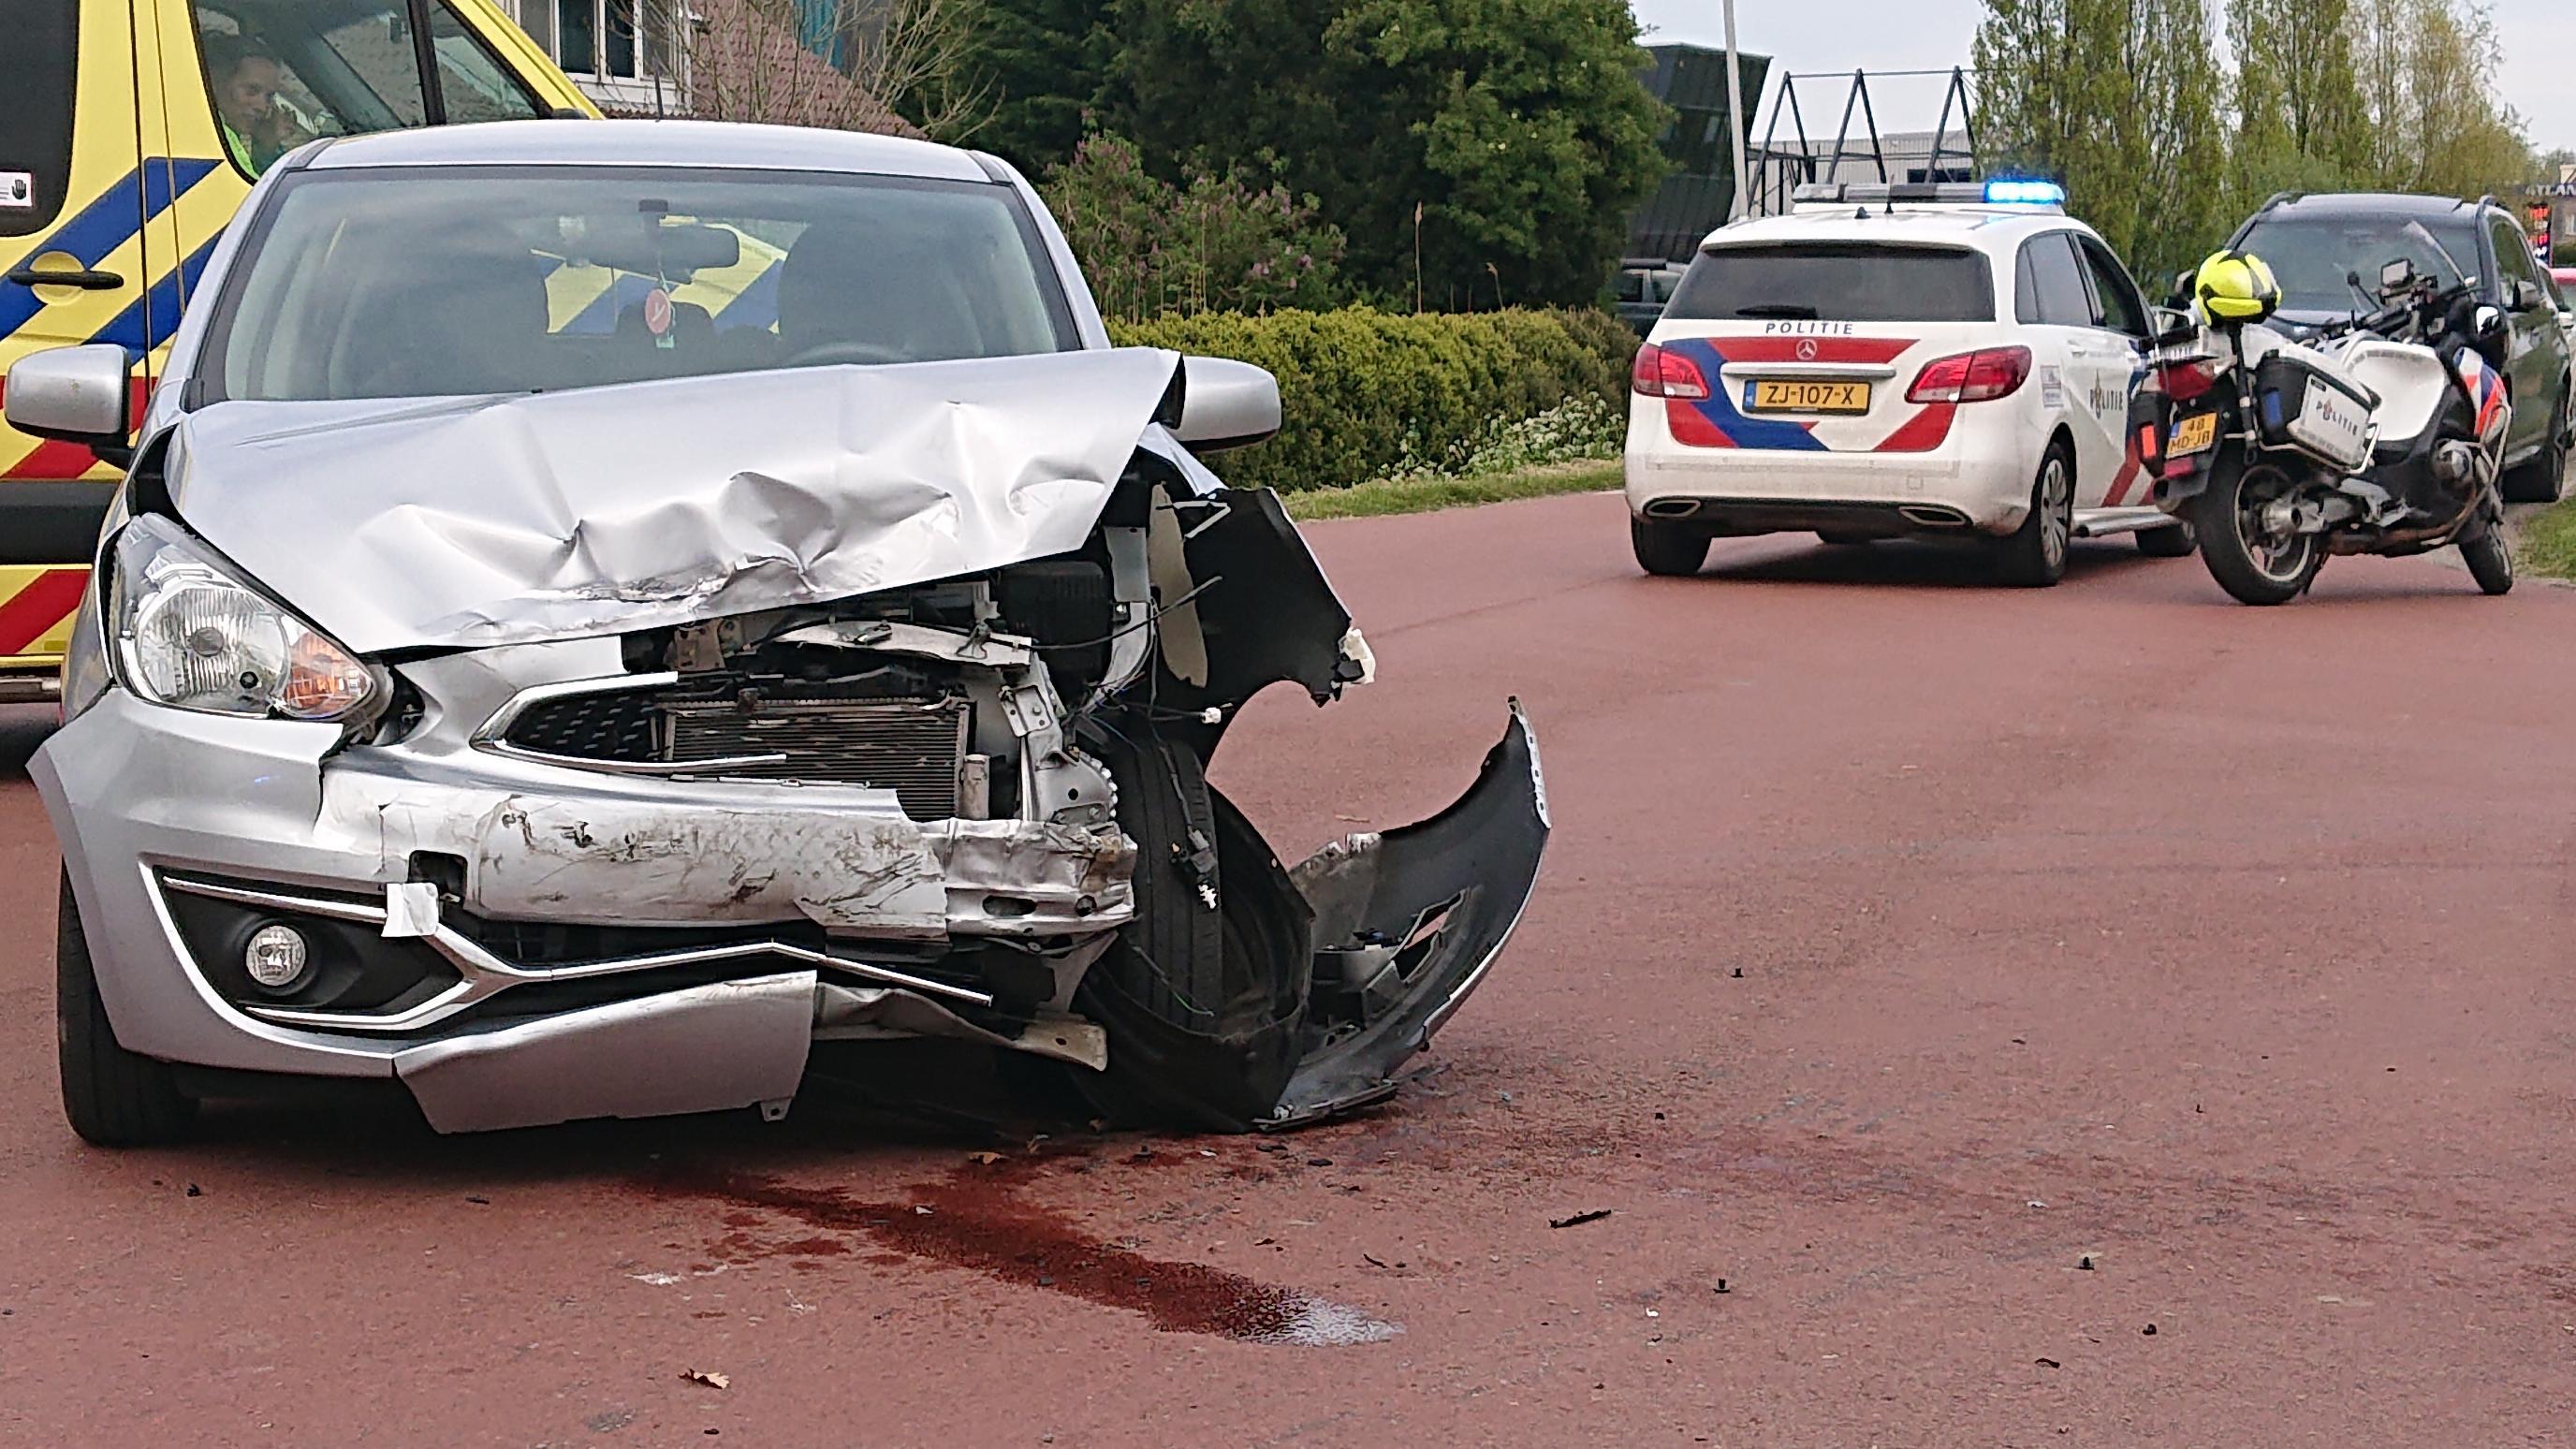 Beschonken bestuurder veroorzaakt ongeval met drie voertuigen in Hem